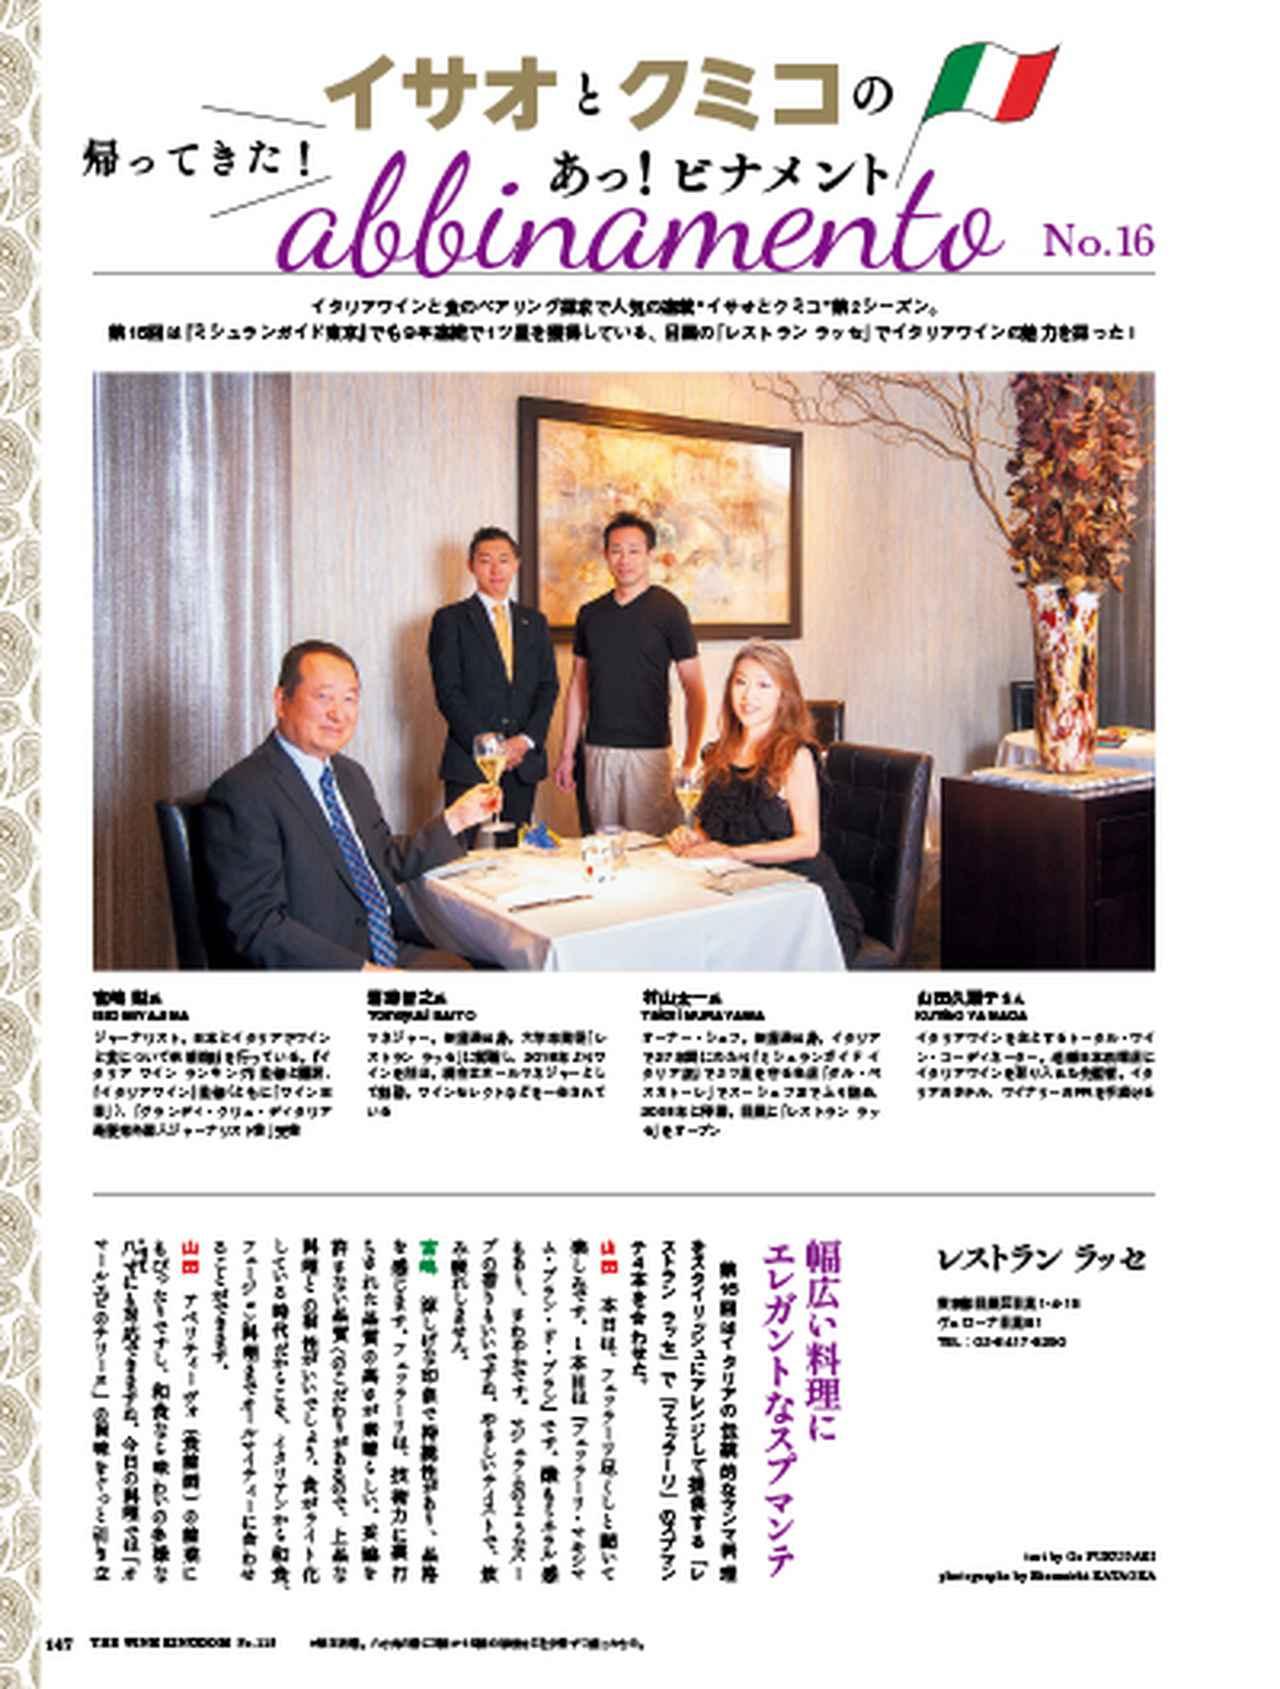 画像12: 『ワイン王国 119号』銘醸が造る ちょっと贅沢なおうち飲みブルゴーニュ/日本ワインをとことん楽しむ!/ワイン好きにぜひ飲んでいただきたい日本酒